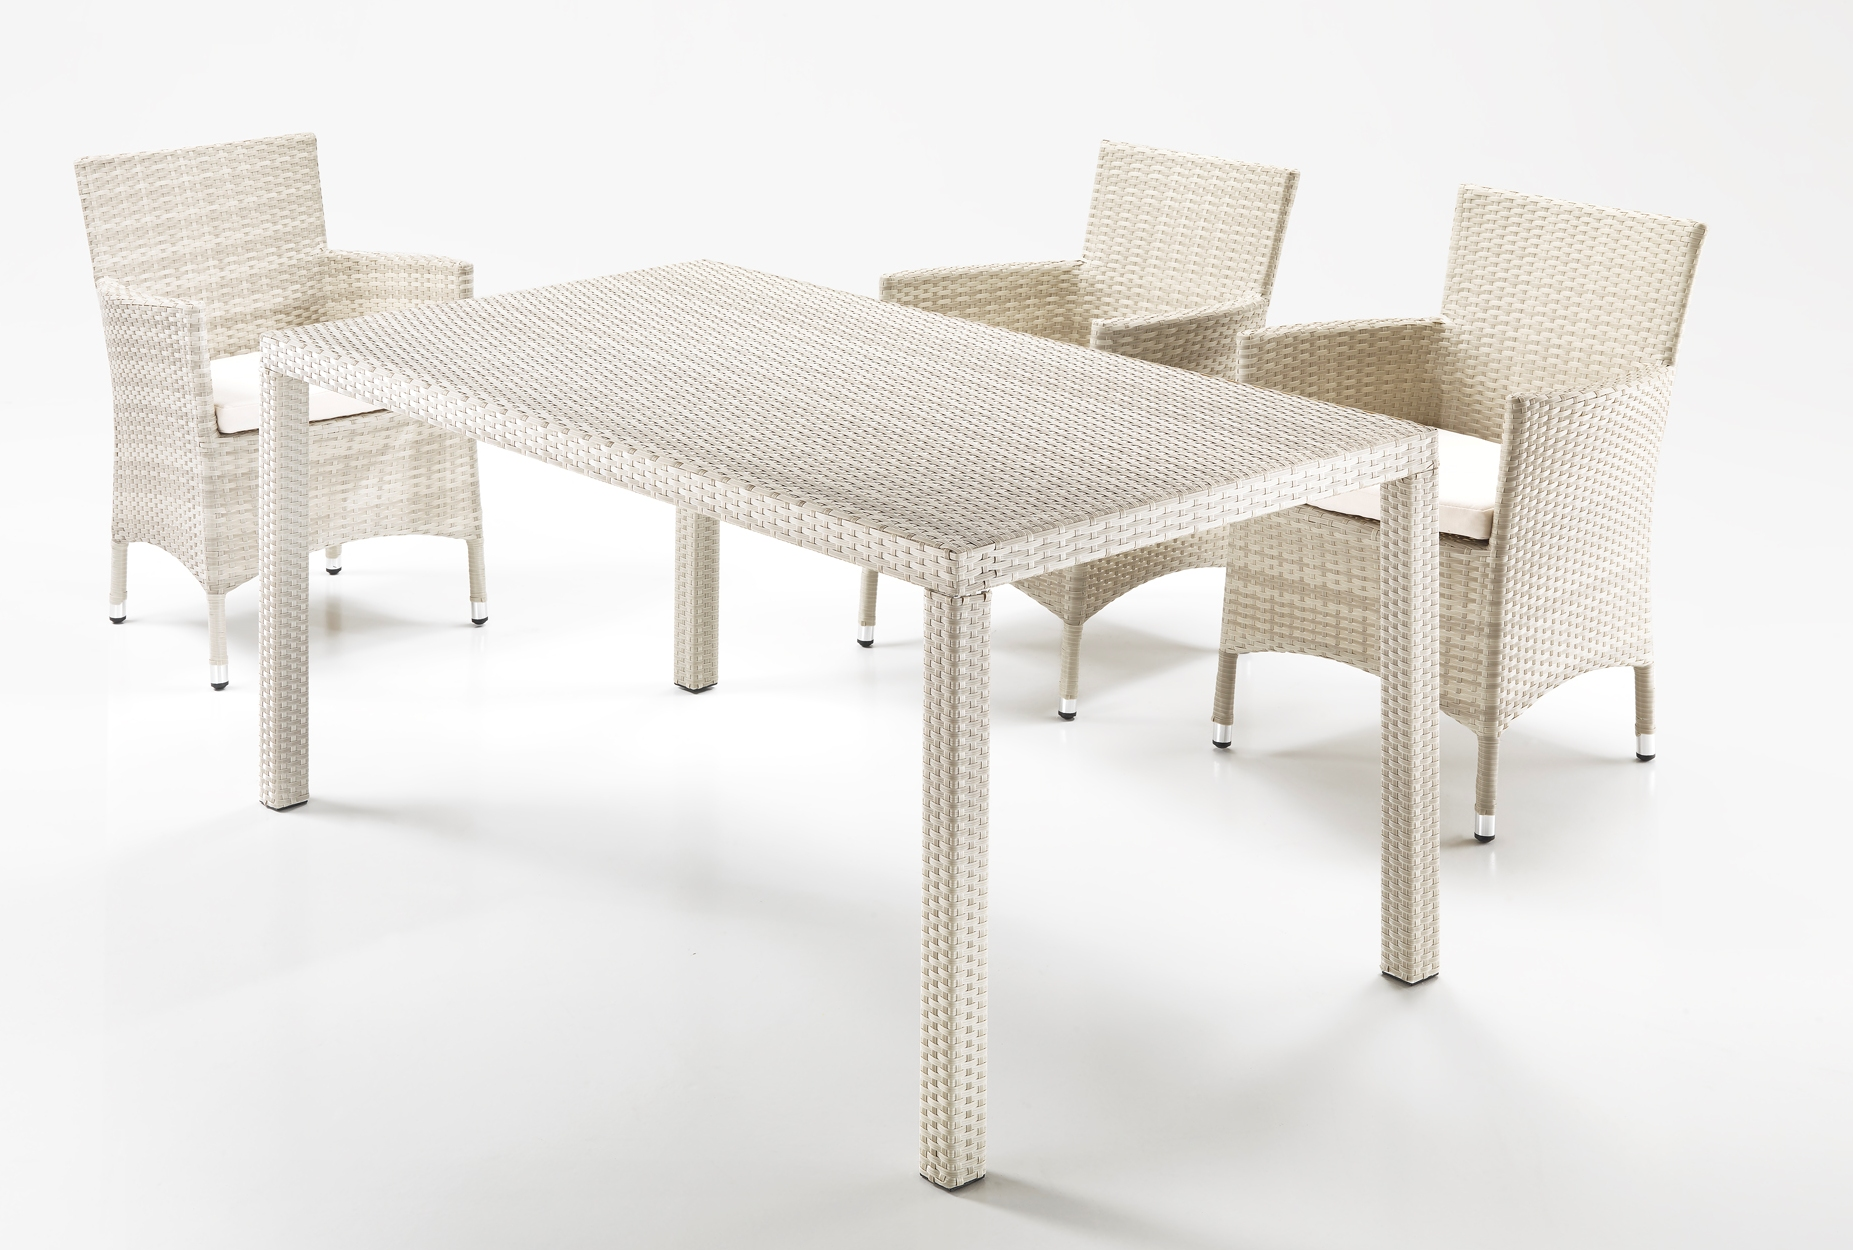 Tavolo rettangolare rattan bianco - Tavolo da giardino rattan ...